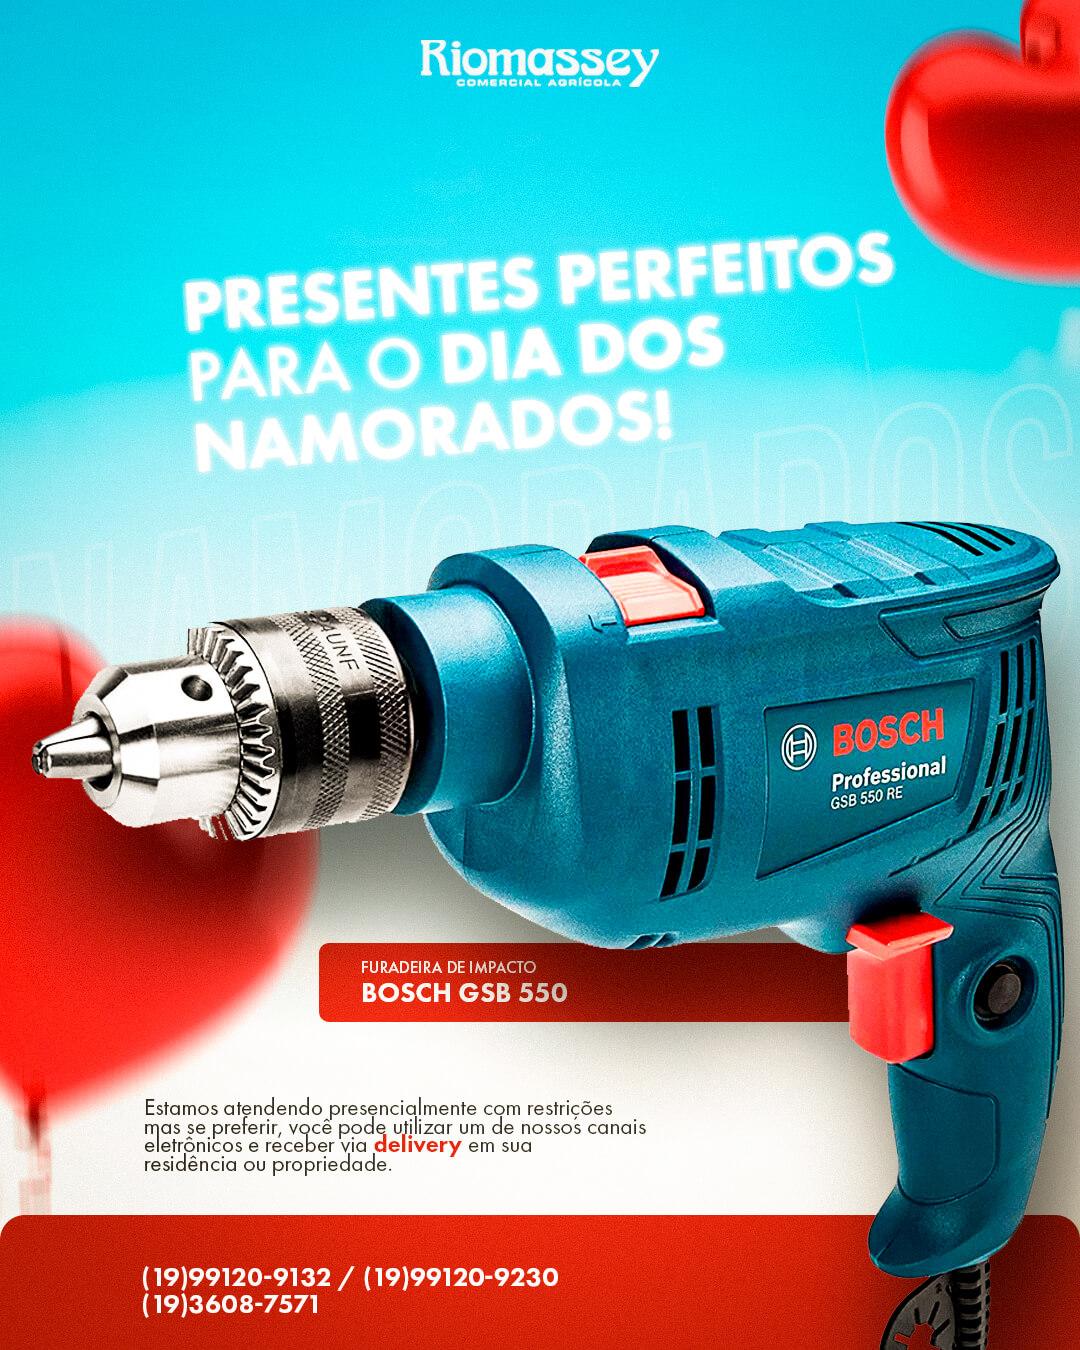 RIOMASSEY - DIA DOS NAMORADOS - bosch gsb 550